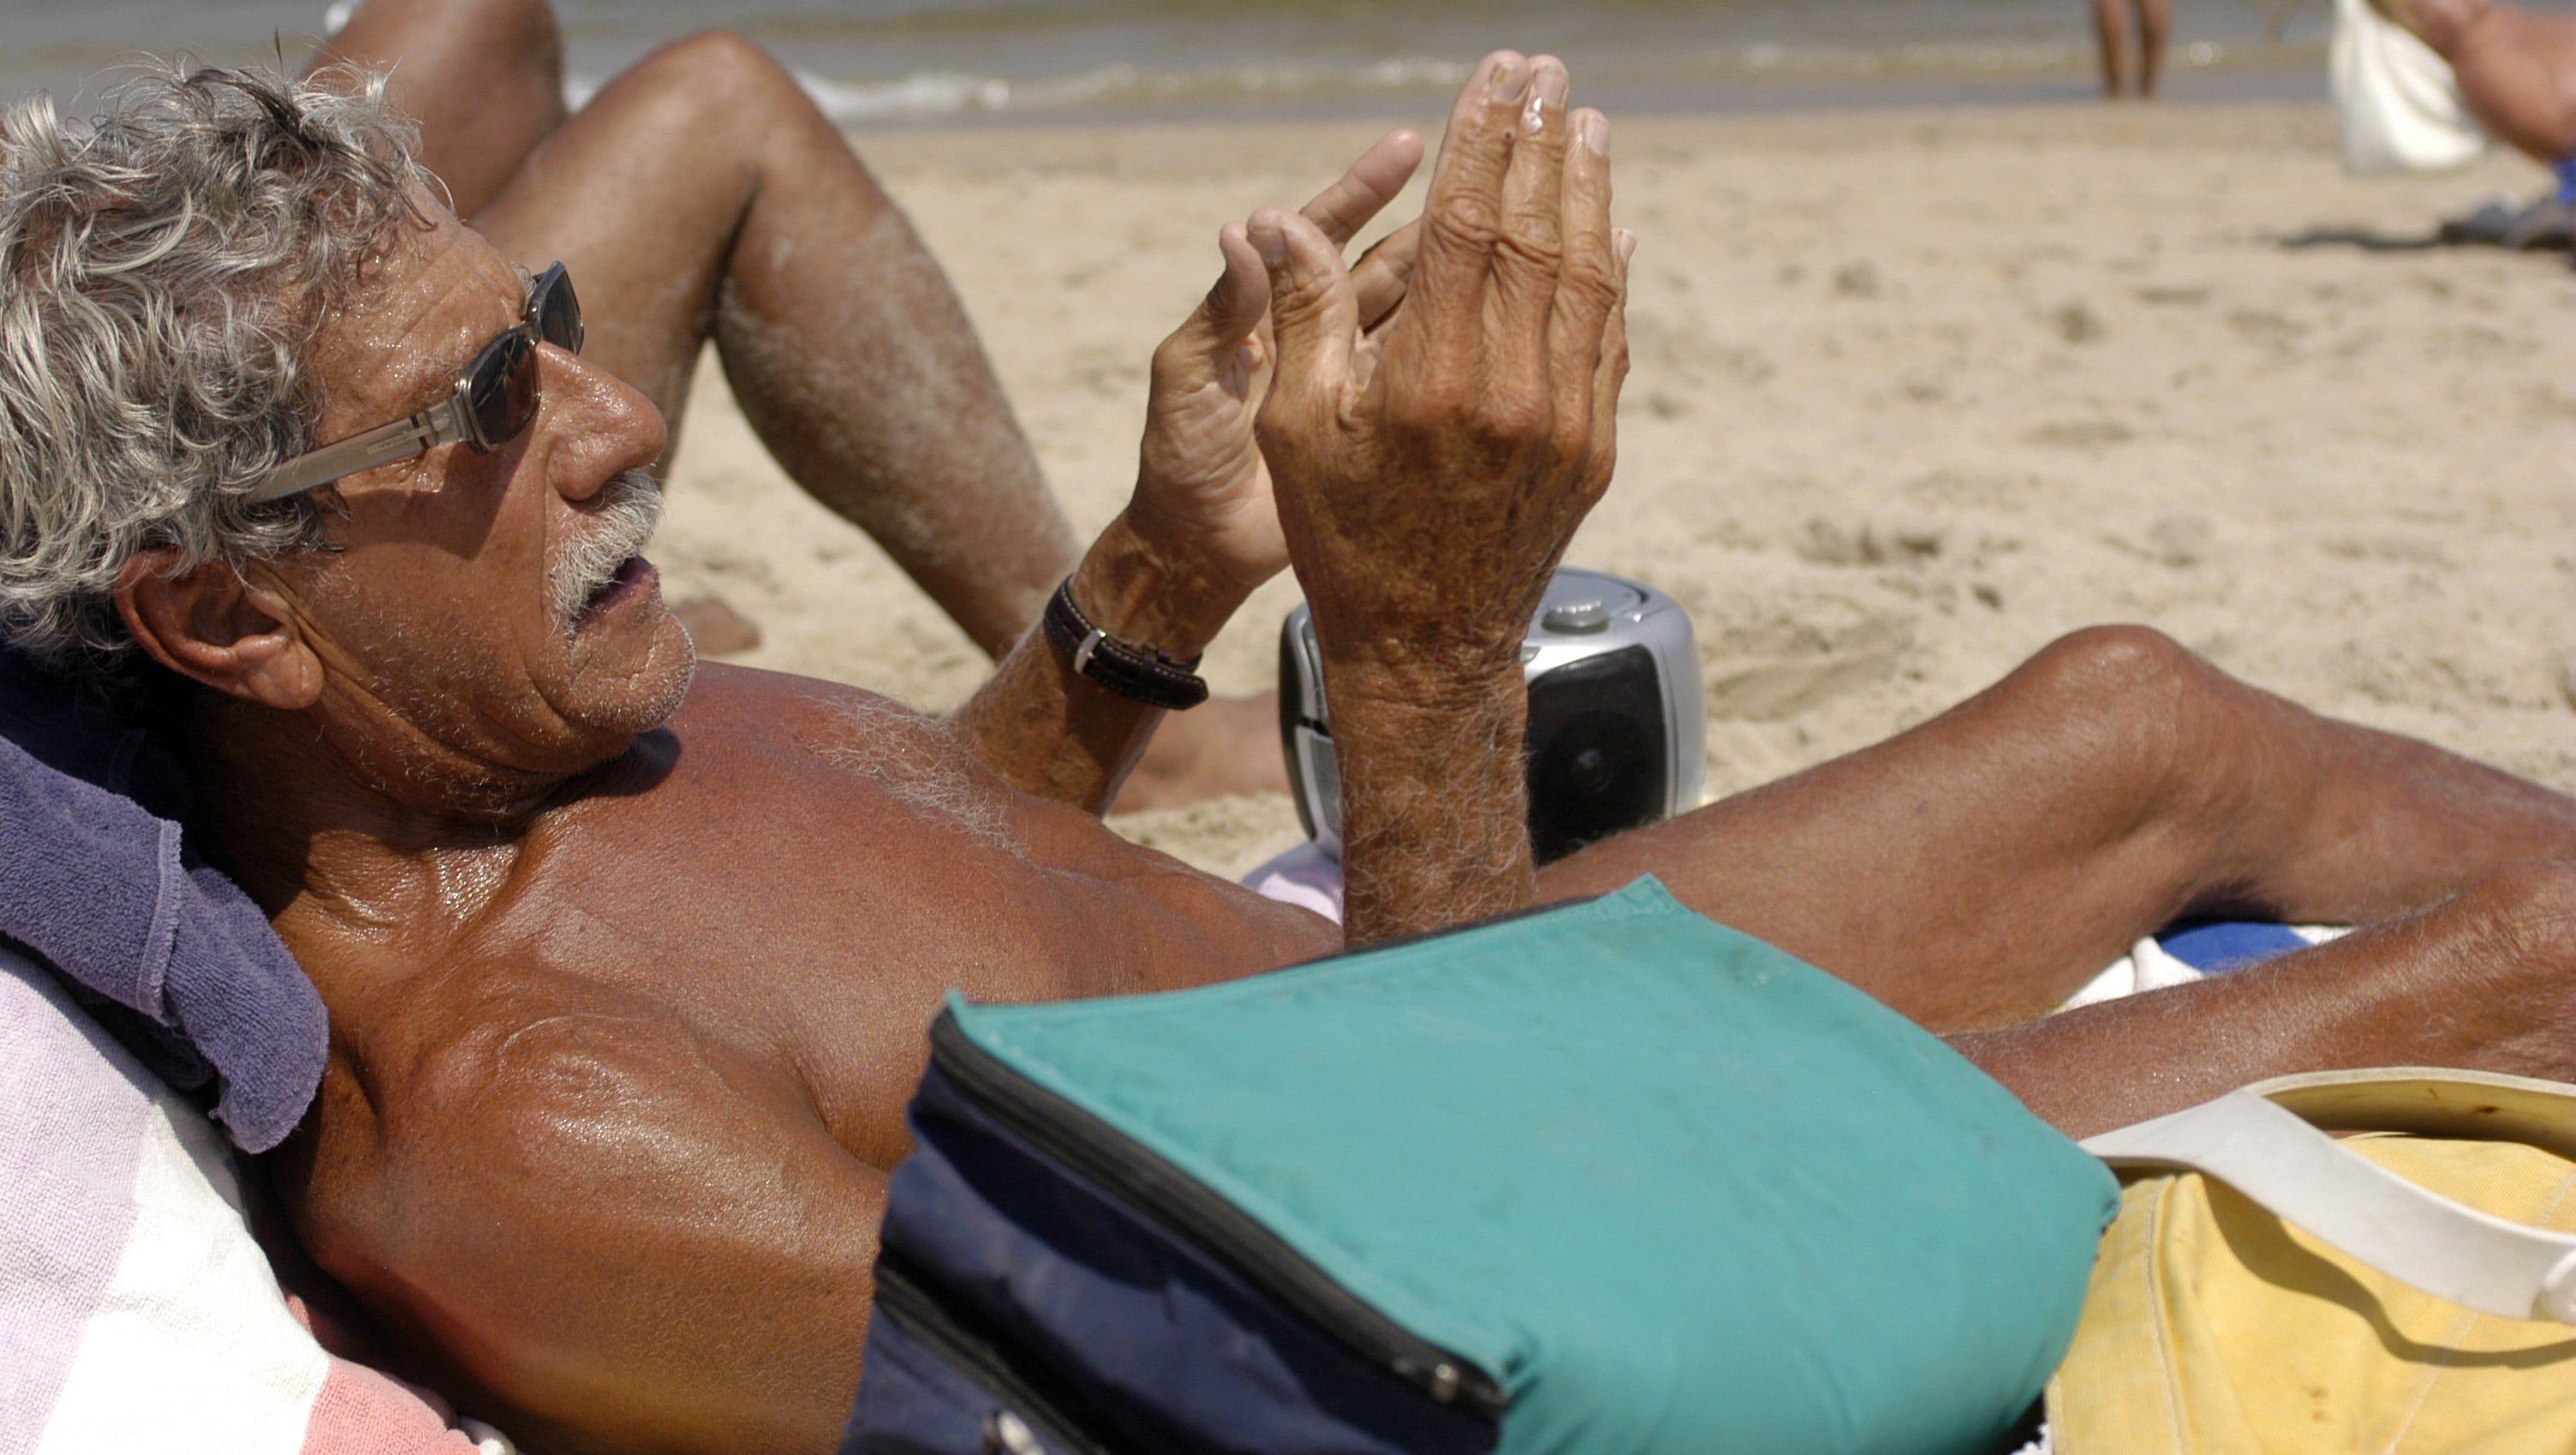 On the beach nude Real Nudist